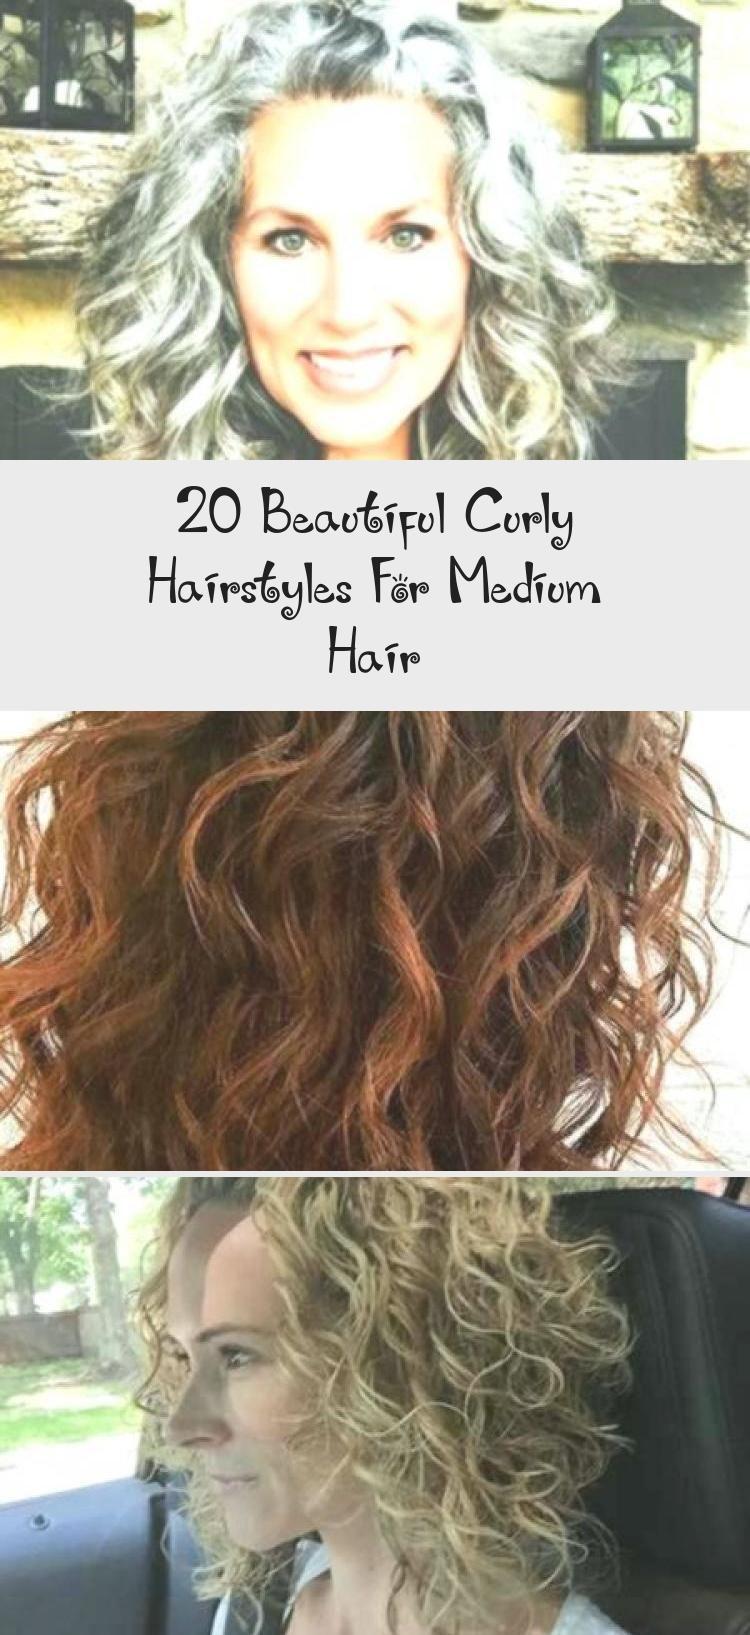 20 schöne lockige Frisuren für mittleres Haar, #schön #locken #Frisuren #me …